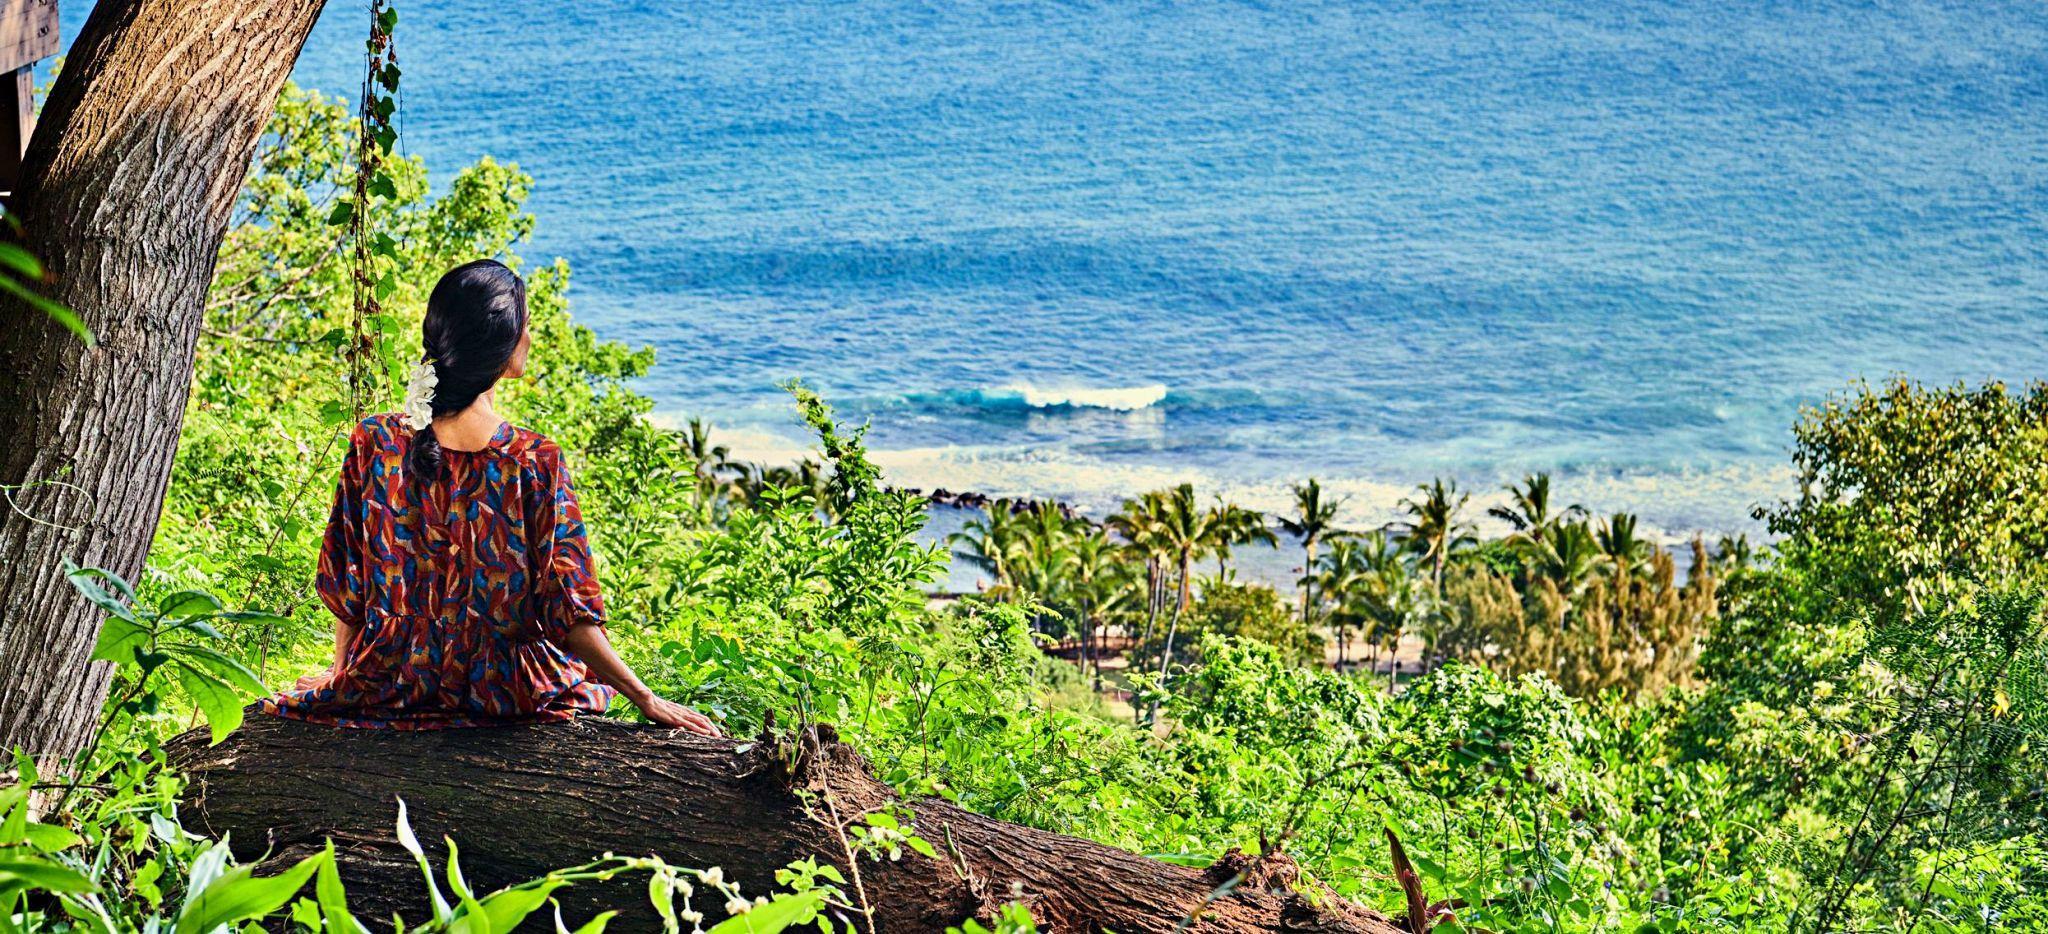 Eine Frau blickt von einem Baumstamm im Hotel Palm aus aufs Meer hinab